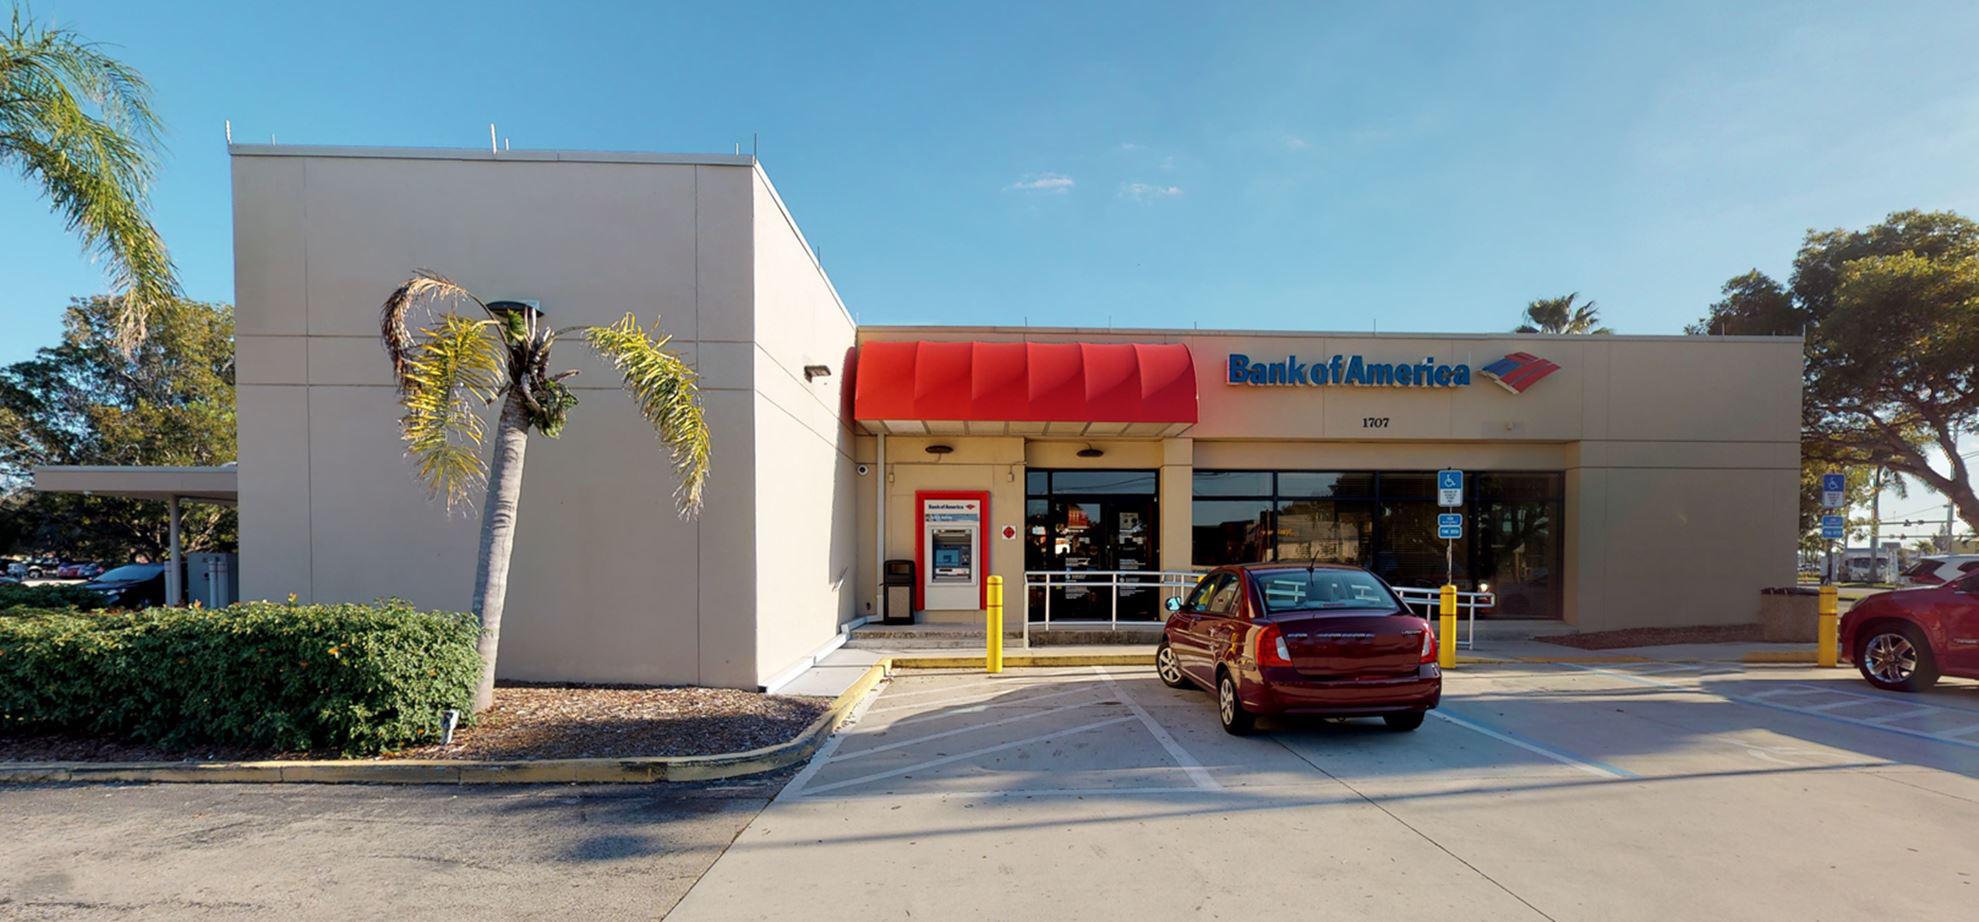 Bank of America financial center with drive-thru ATM   1707 Del Prado Blvd S, Cape Coral, FL 33990